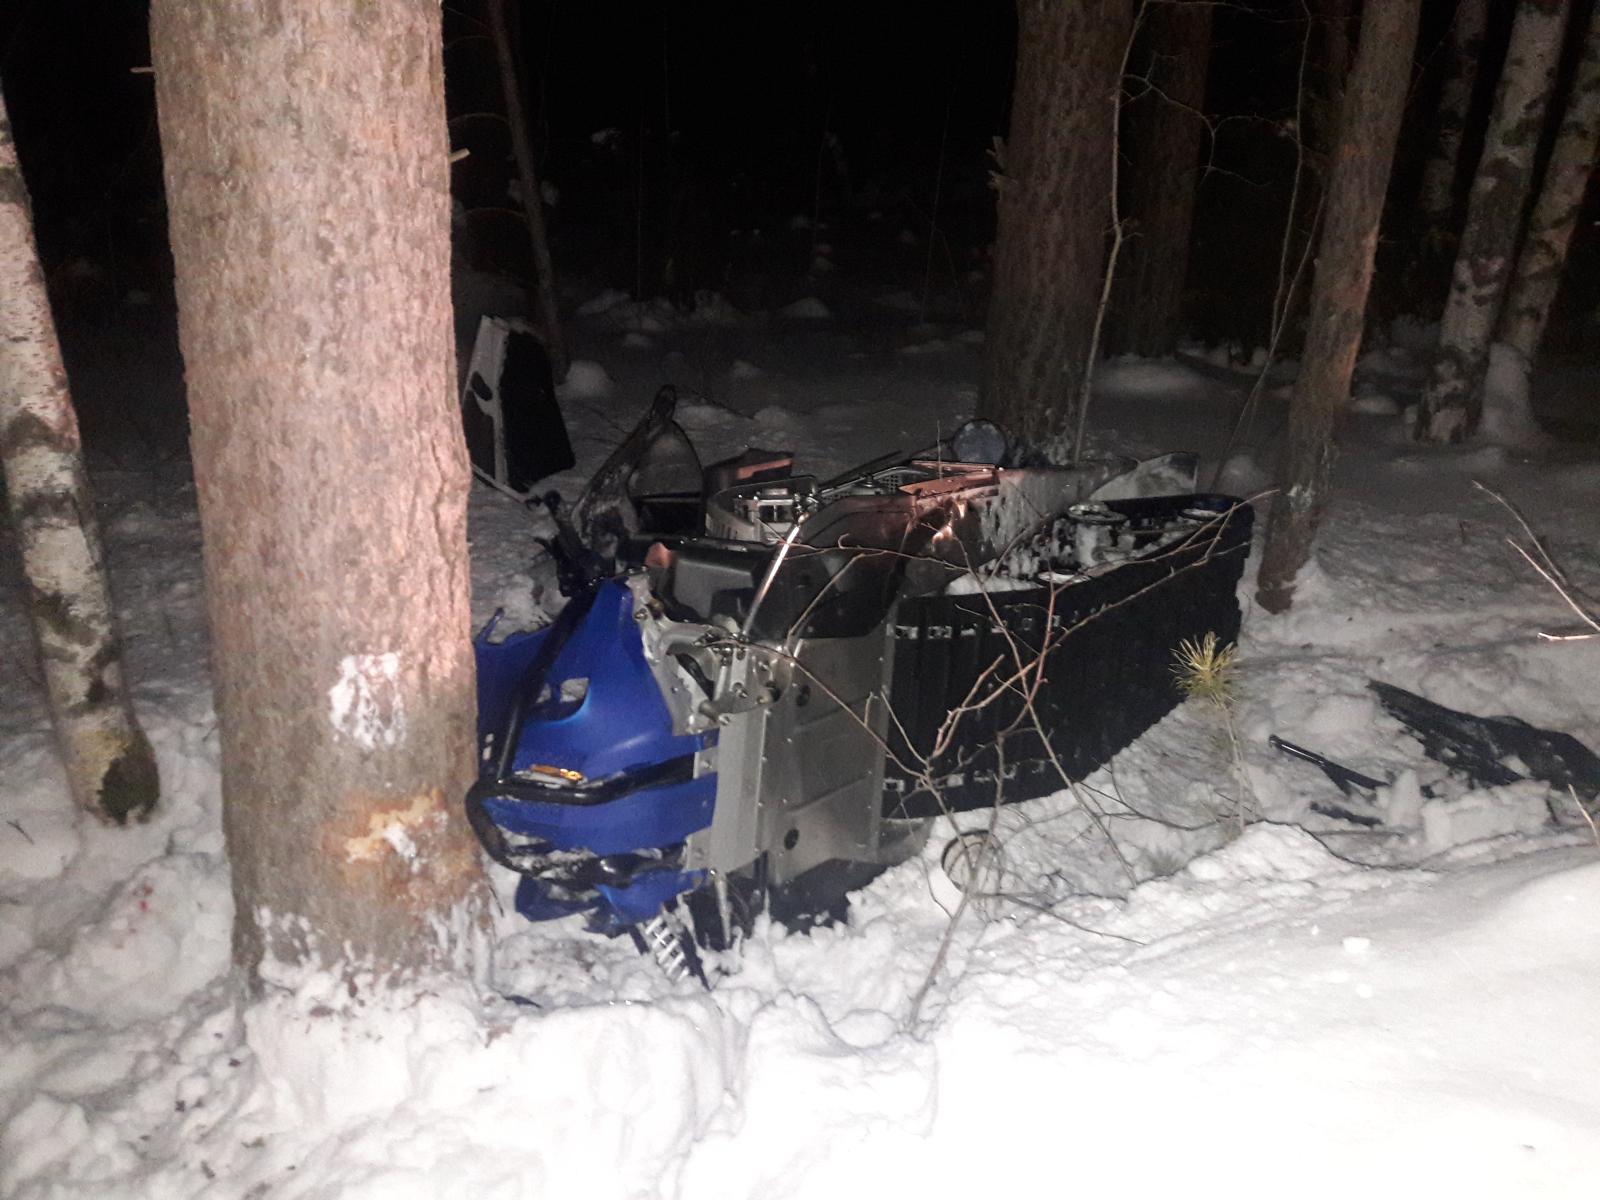 За минувшие выходные в Свердловской области погибли два водителя снегоходов